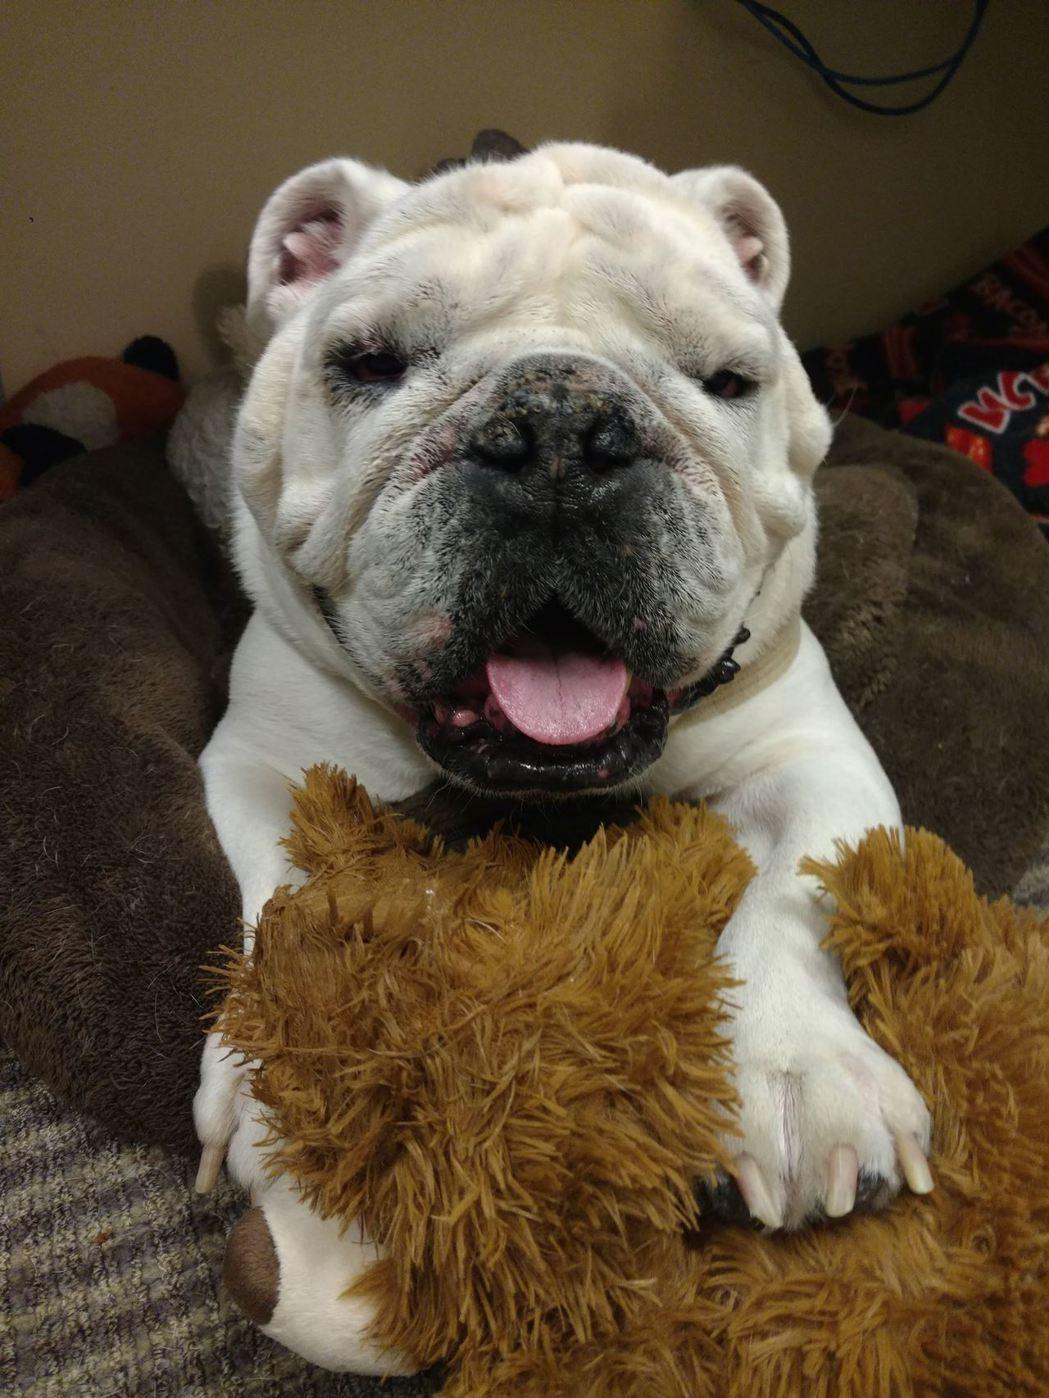 布萊恩特大學校園吉祥犬「鐵甲塔伯一世」。取自Bryant University ...